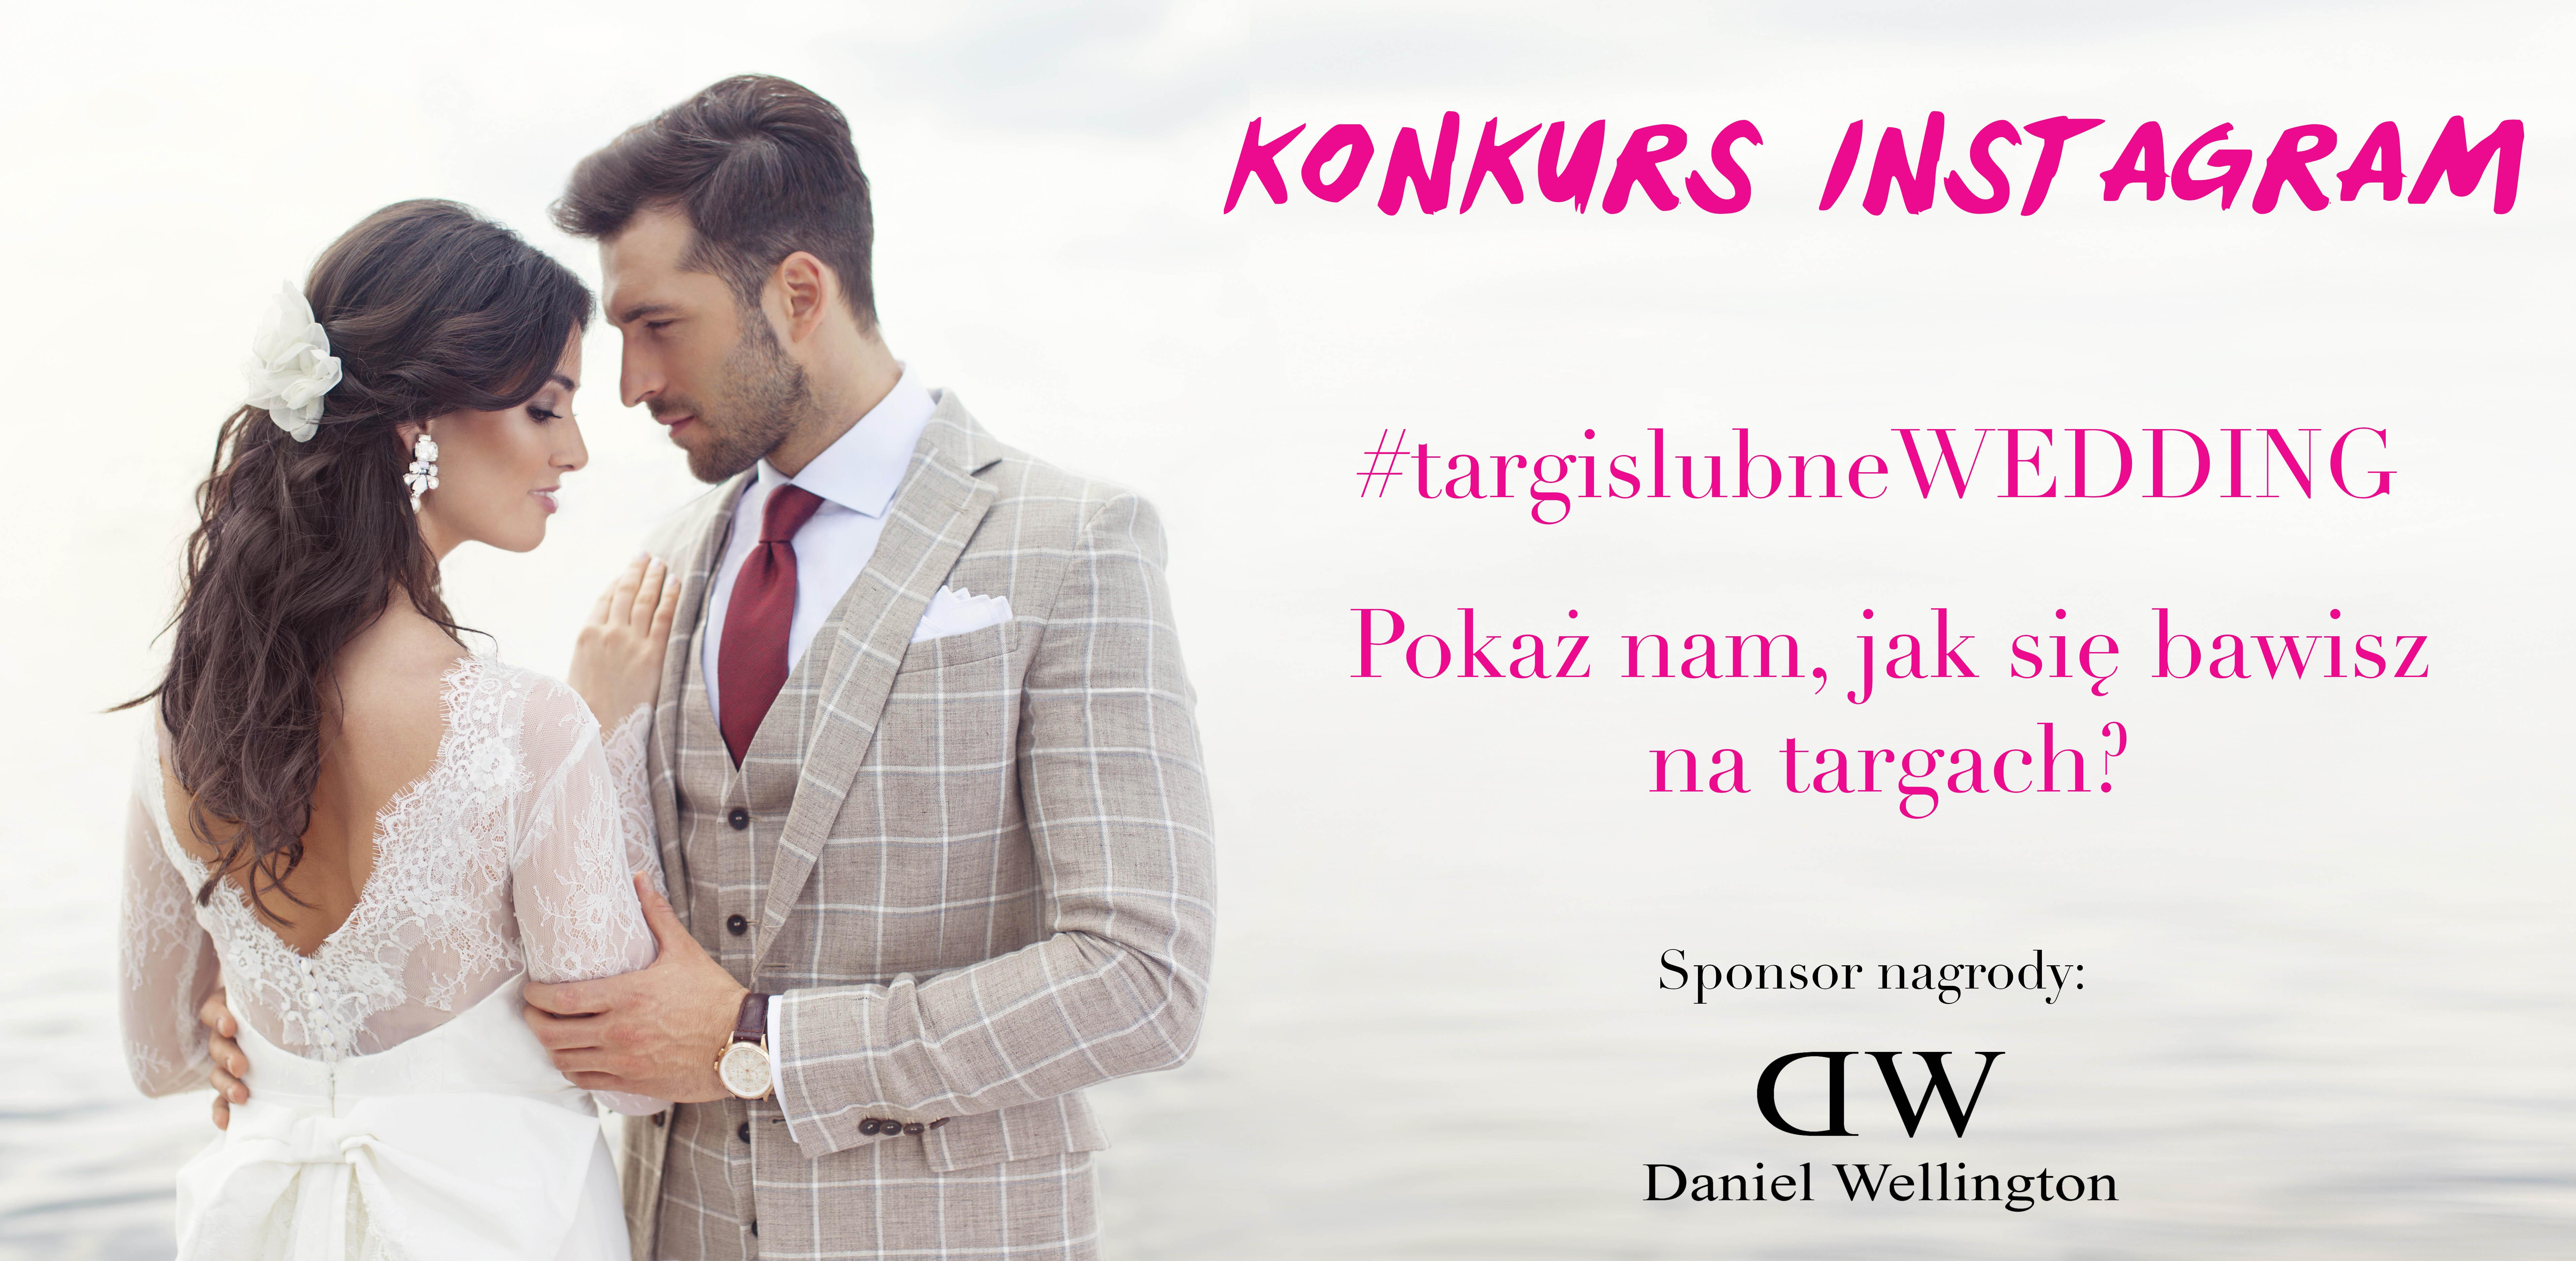 3f59474e33 Targi Ślubne Wedding – Warszawa – PGE Narodowy targislubneWEDDING Pokaż  nam